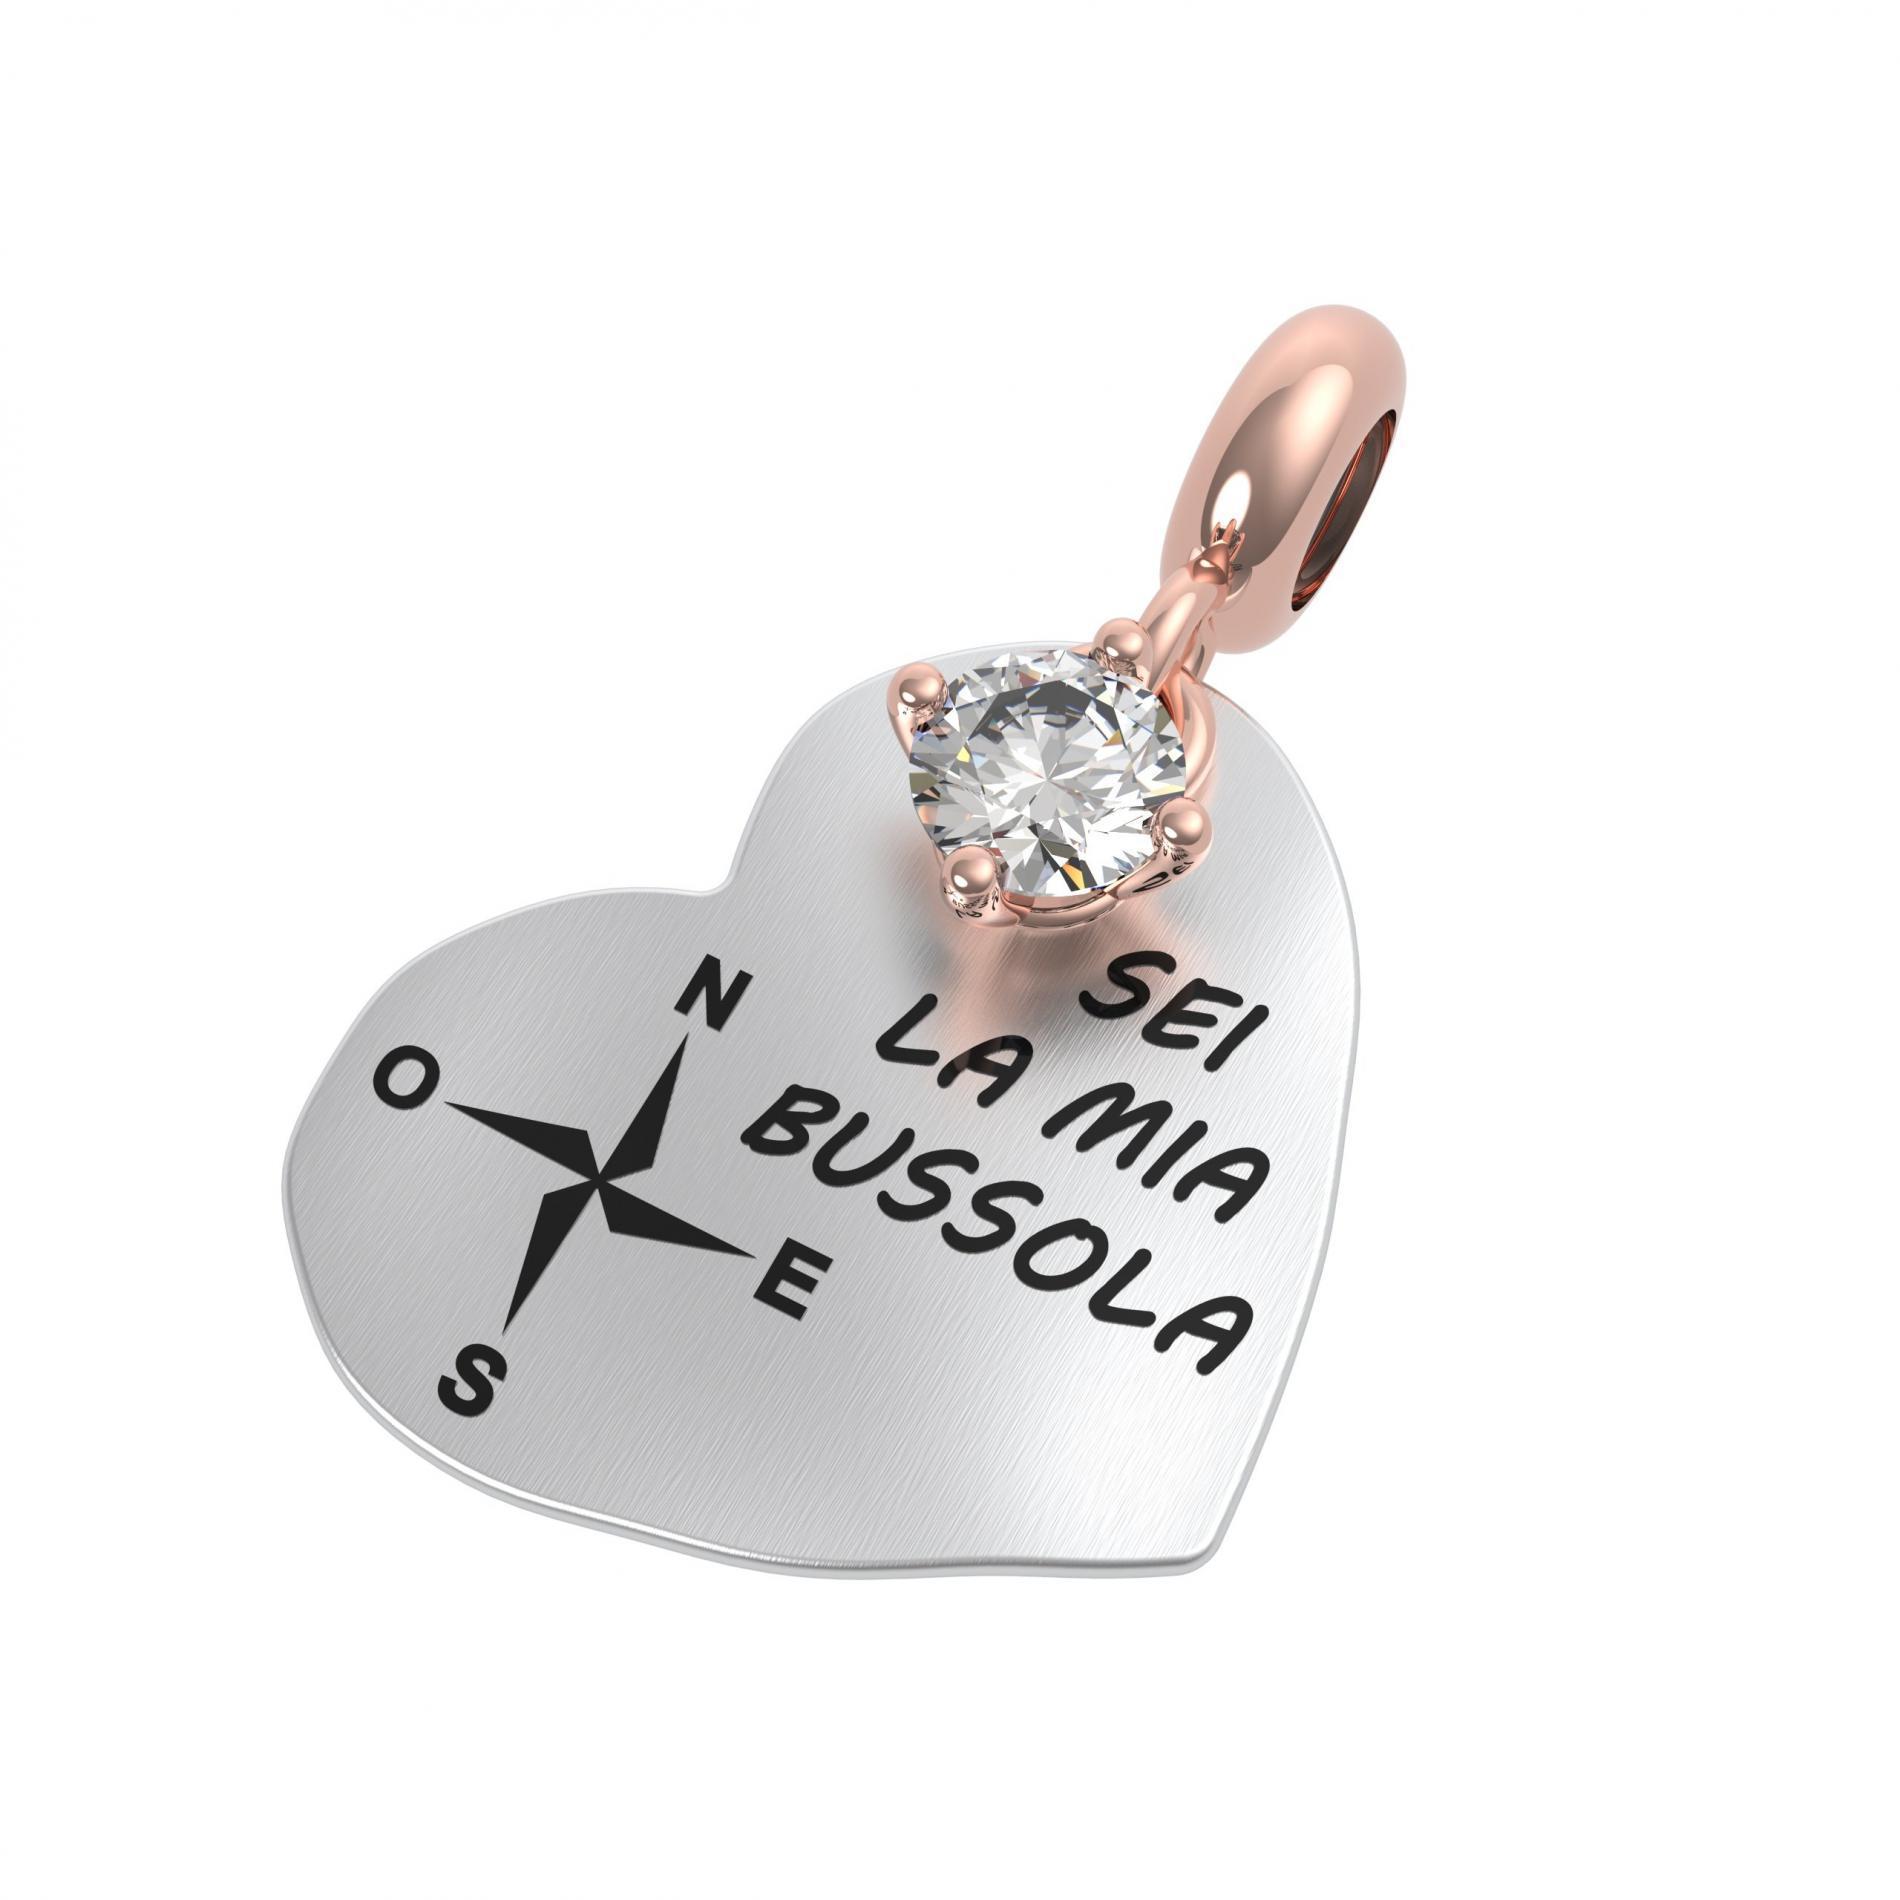 25138 ciondolo Rerum amore cristallo di rocca